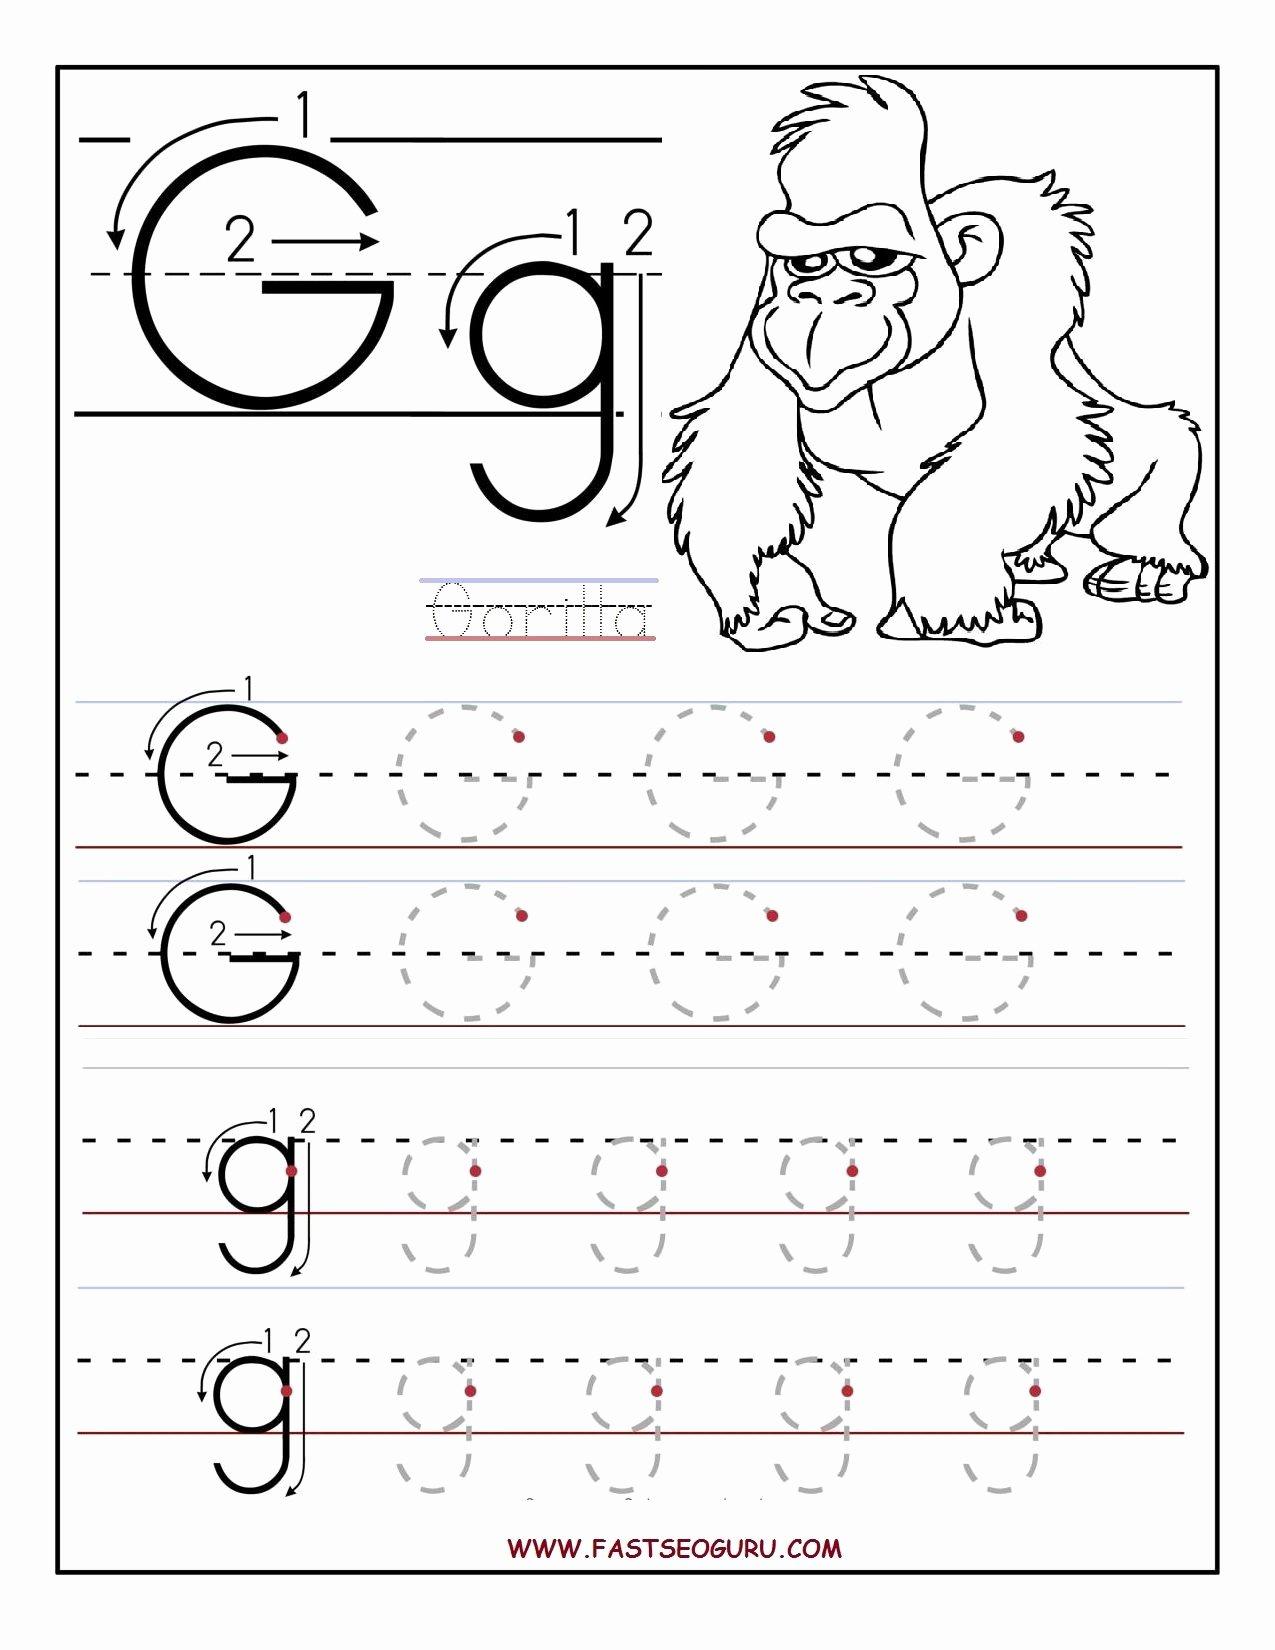 Free Printable Letter G Worksheets for Preschoolers top Printable Letter G Tracing Worksheets for Preschool